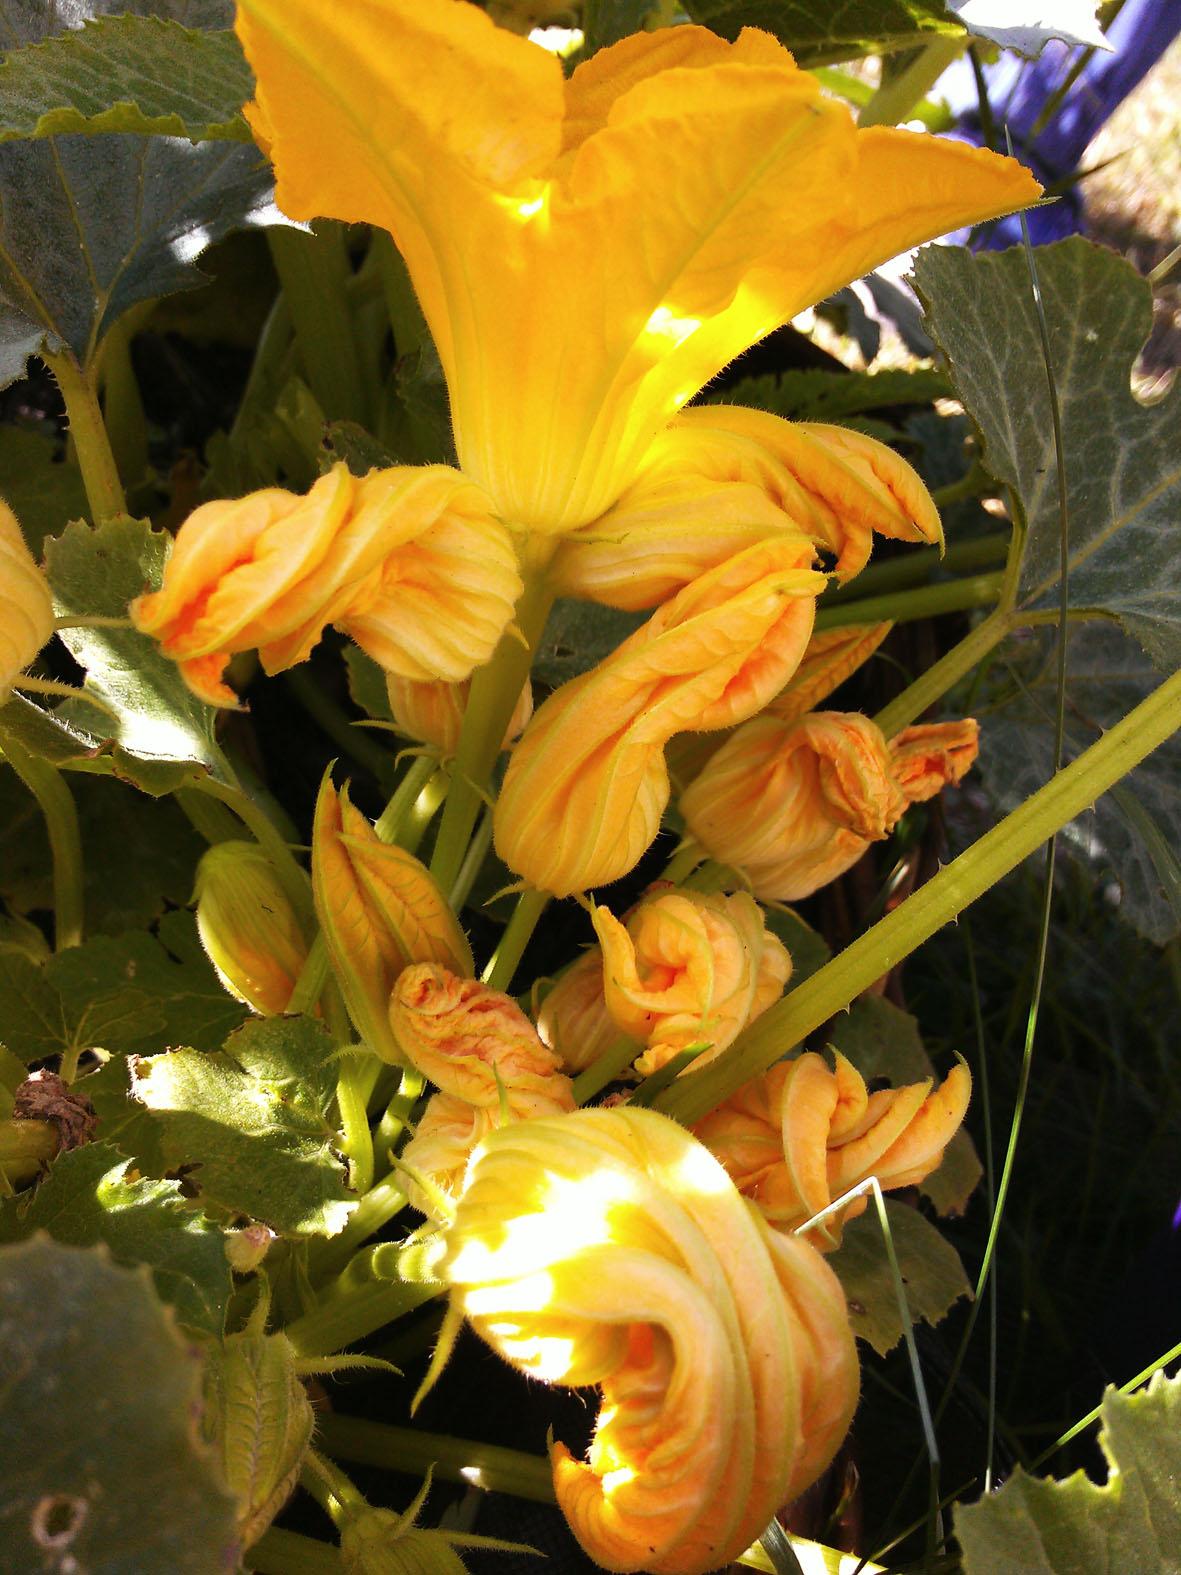 du potager l assiette les fleurs de courgettes made. Black Bedroom Furniture Sets. Home Design Ideas